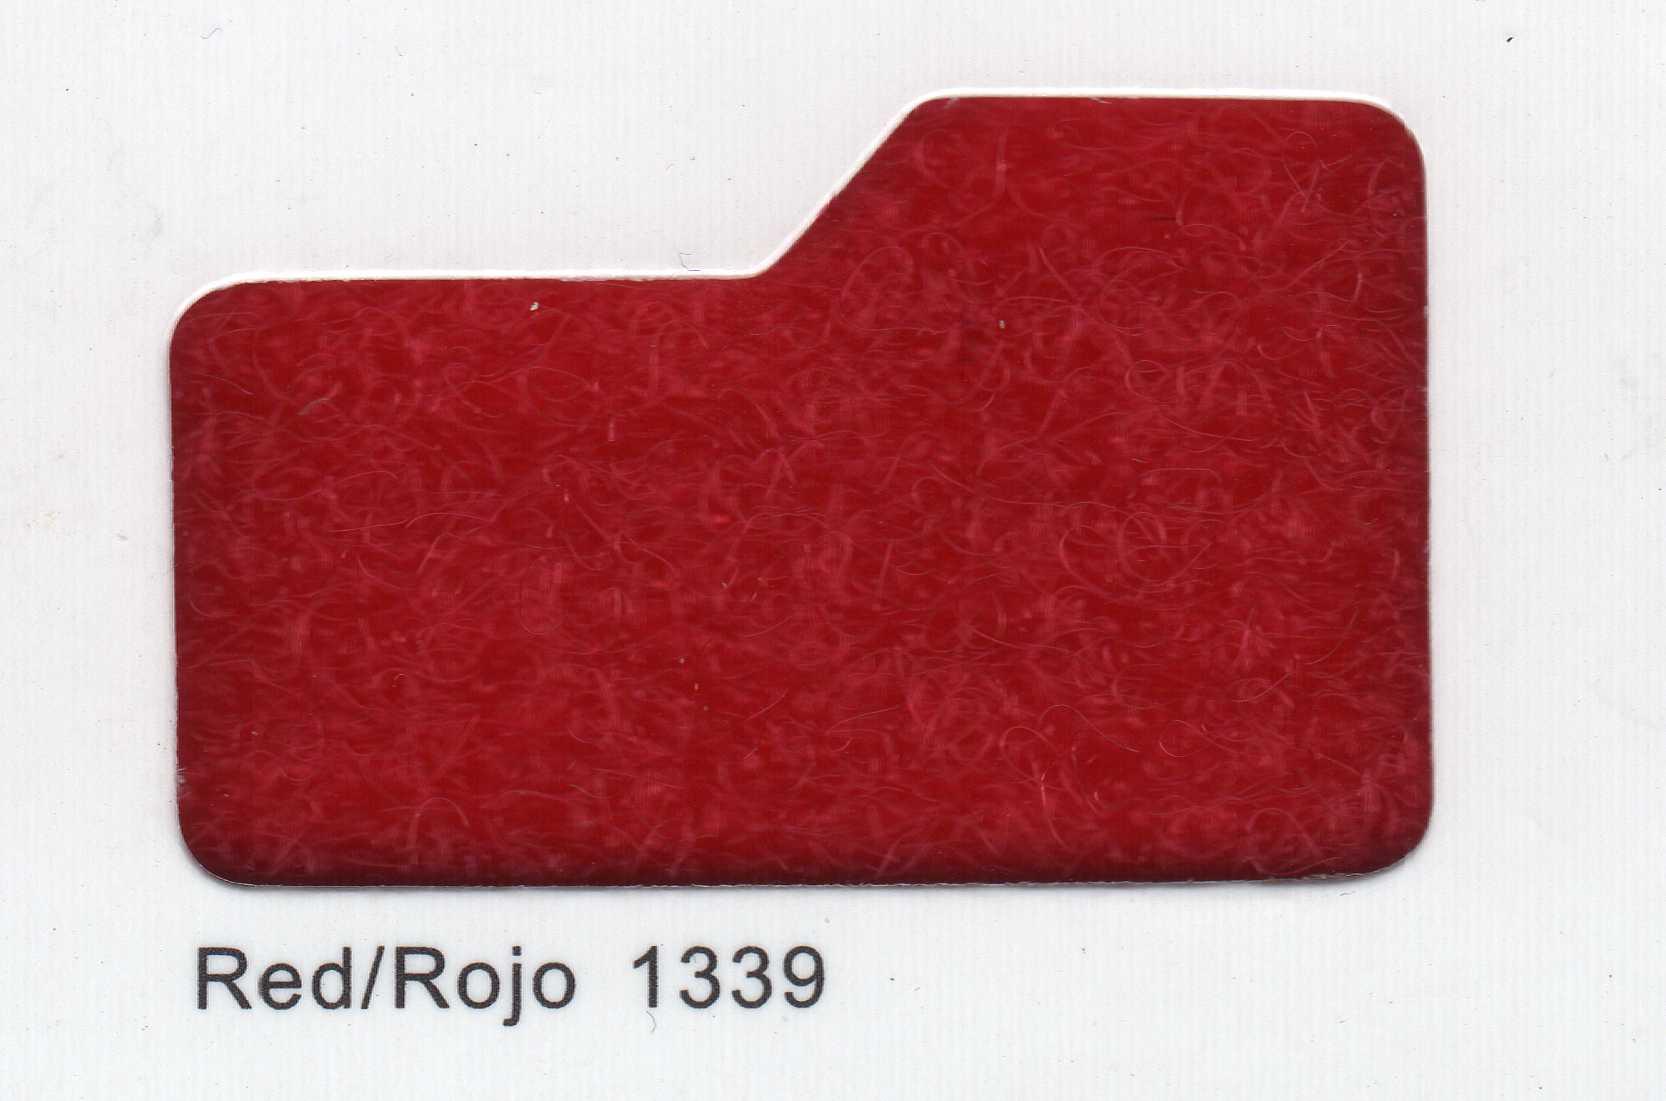 Cinta de cierre Velcro-Veraco 25mm Rojo 1339 (Rizo).